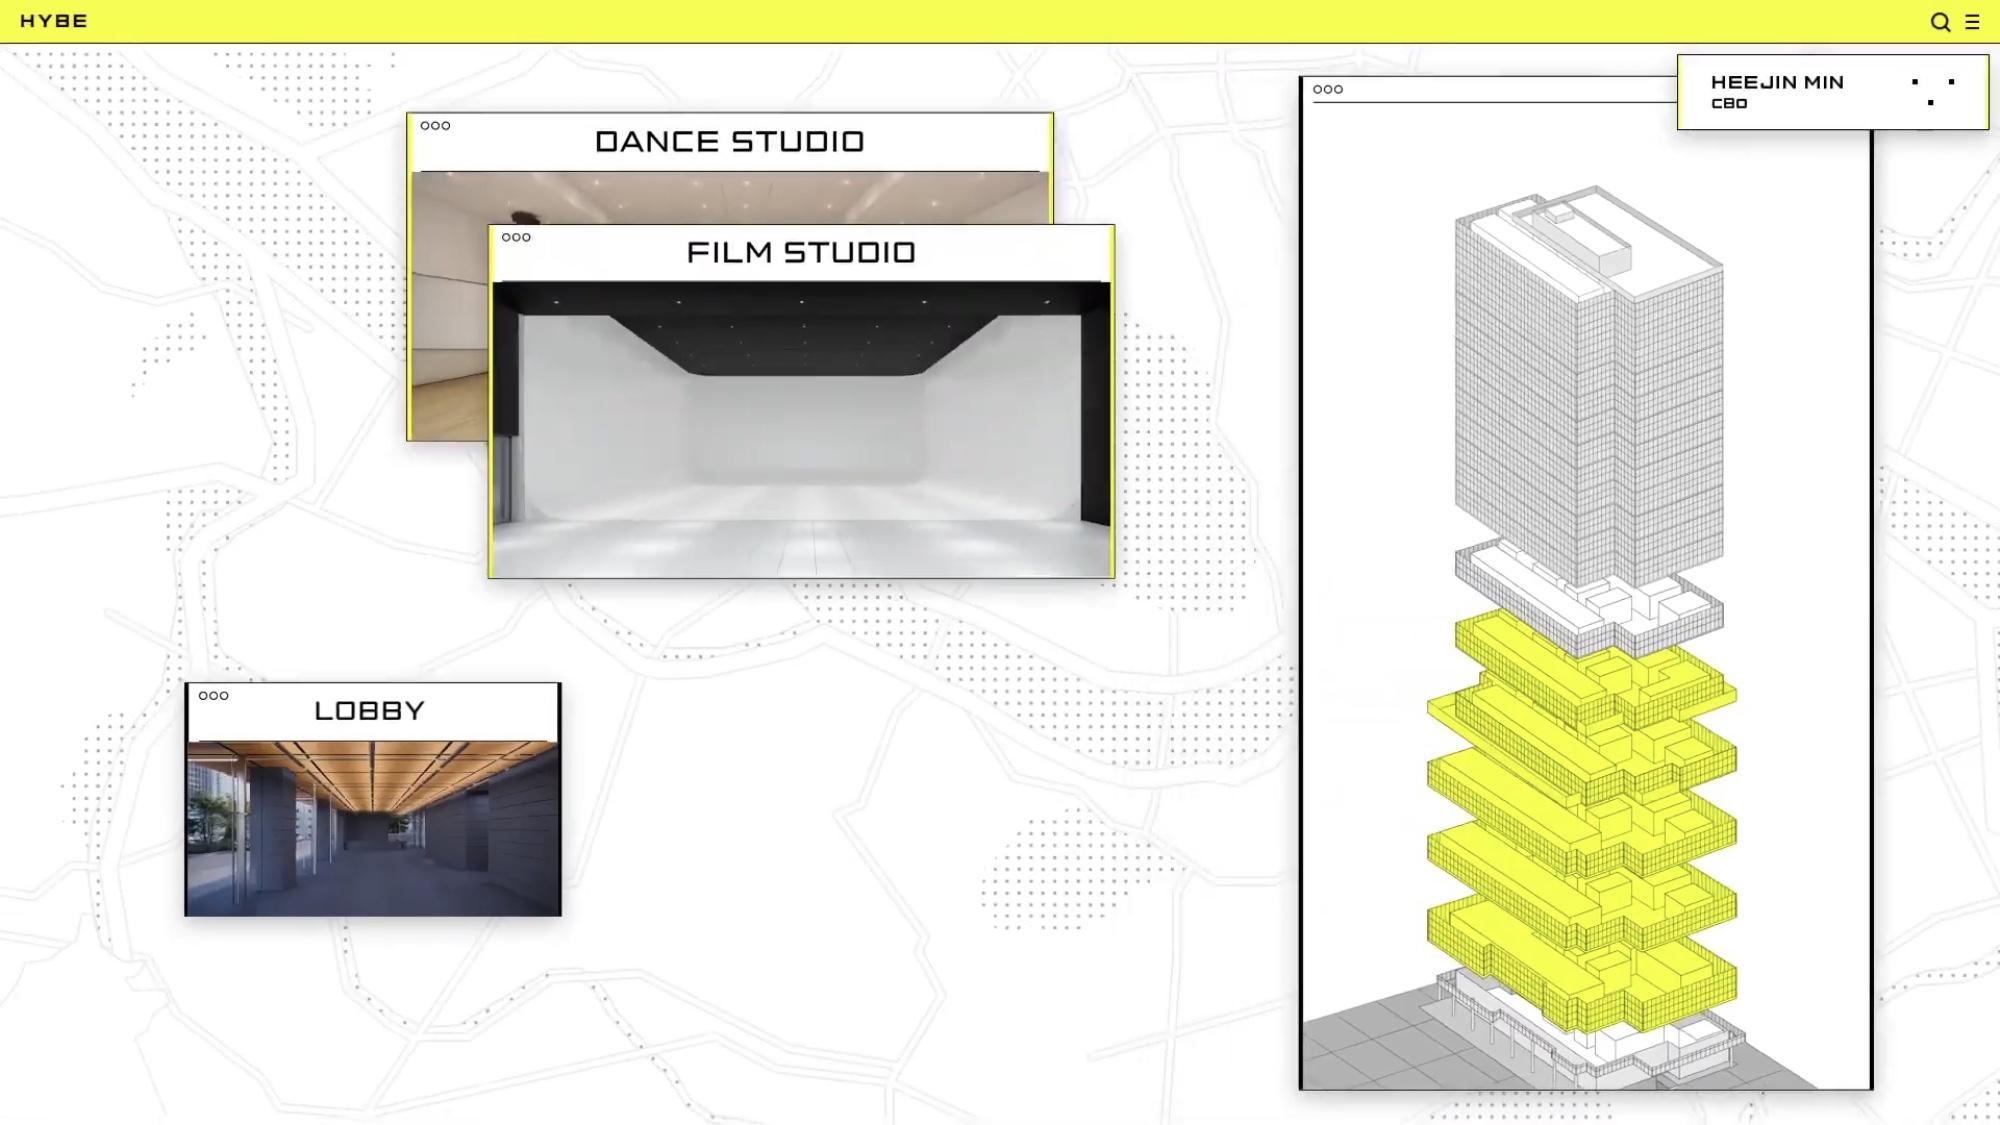 [정보/소식] 빅히트 신사옥 2층~6층 안무연습실, 스튜디오 등 레이블 별로 마련 | 인스티즈